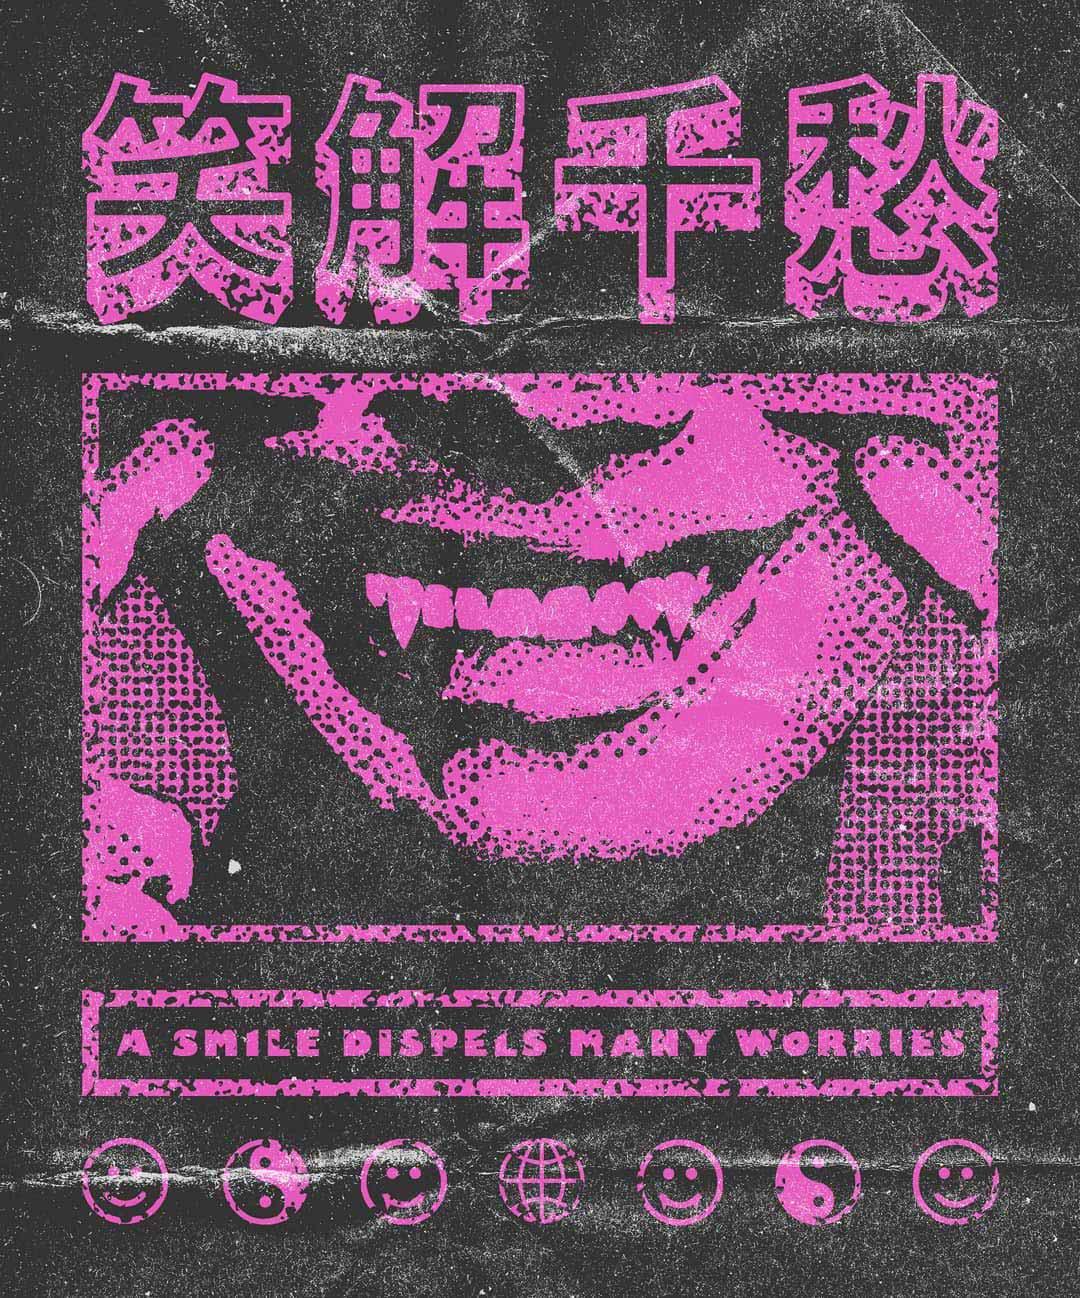 lazar-ghul-deadly-smile-artwork-everpress-blog